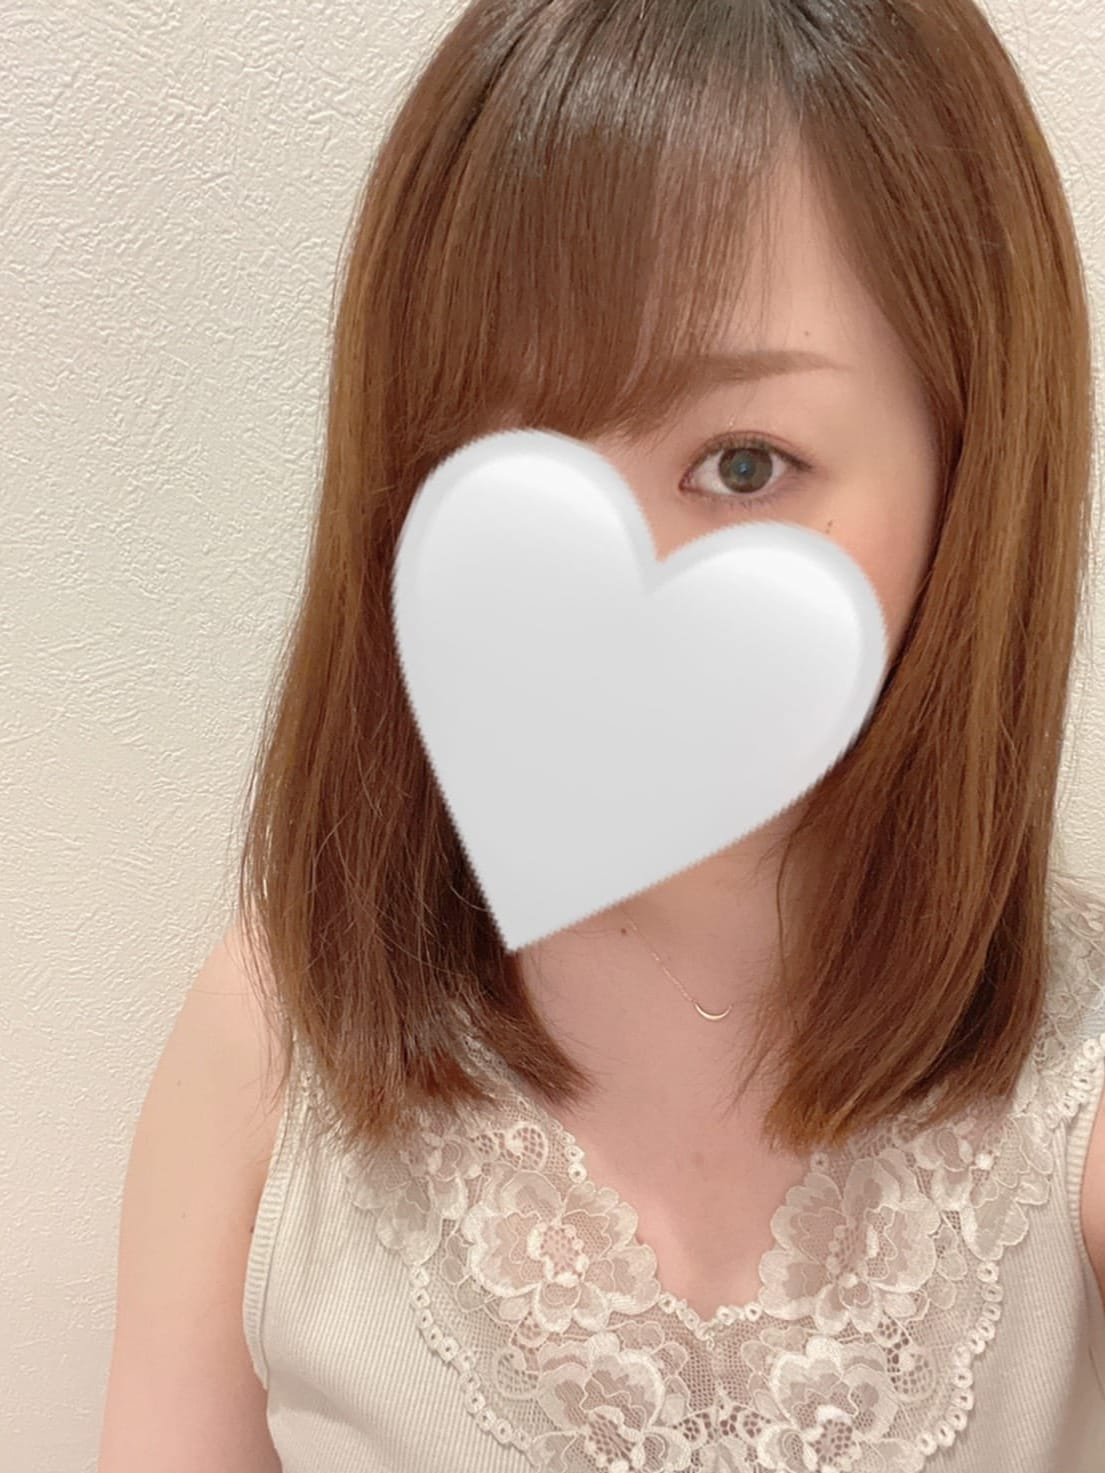 モモ | 雑餉隈・南福岡メンズエステ ピグレット